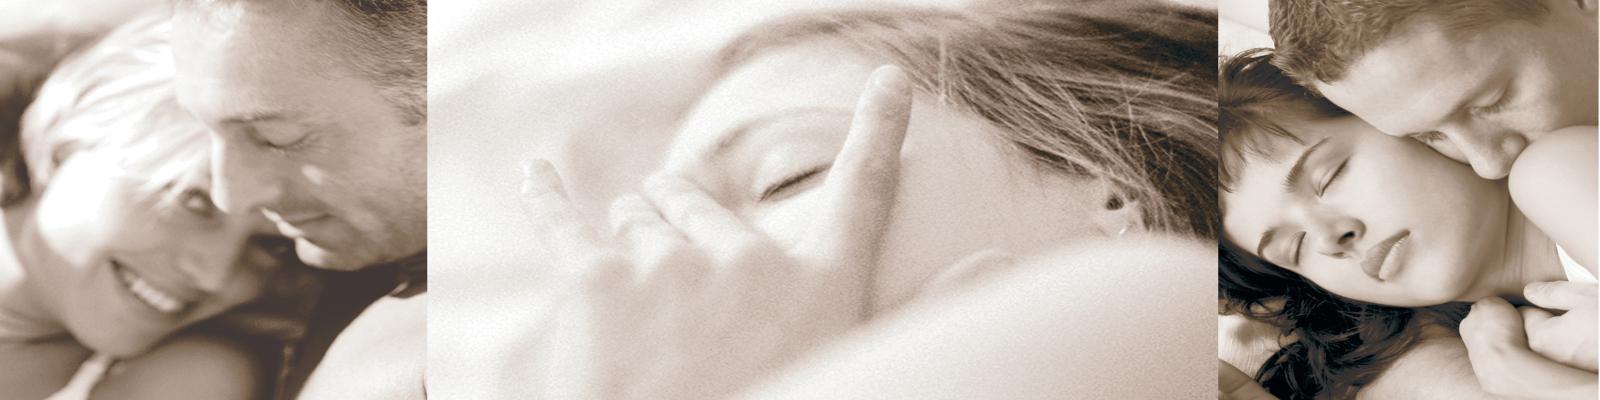 Titelbild gesunder Schlaf